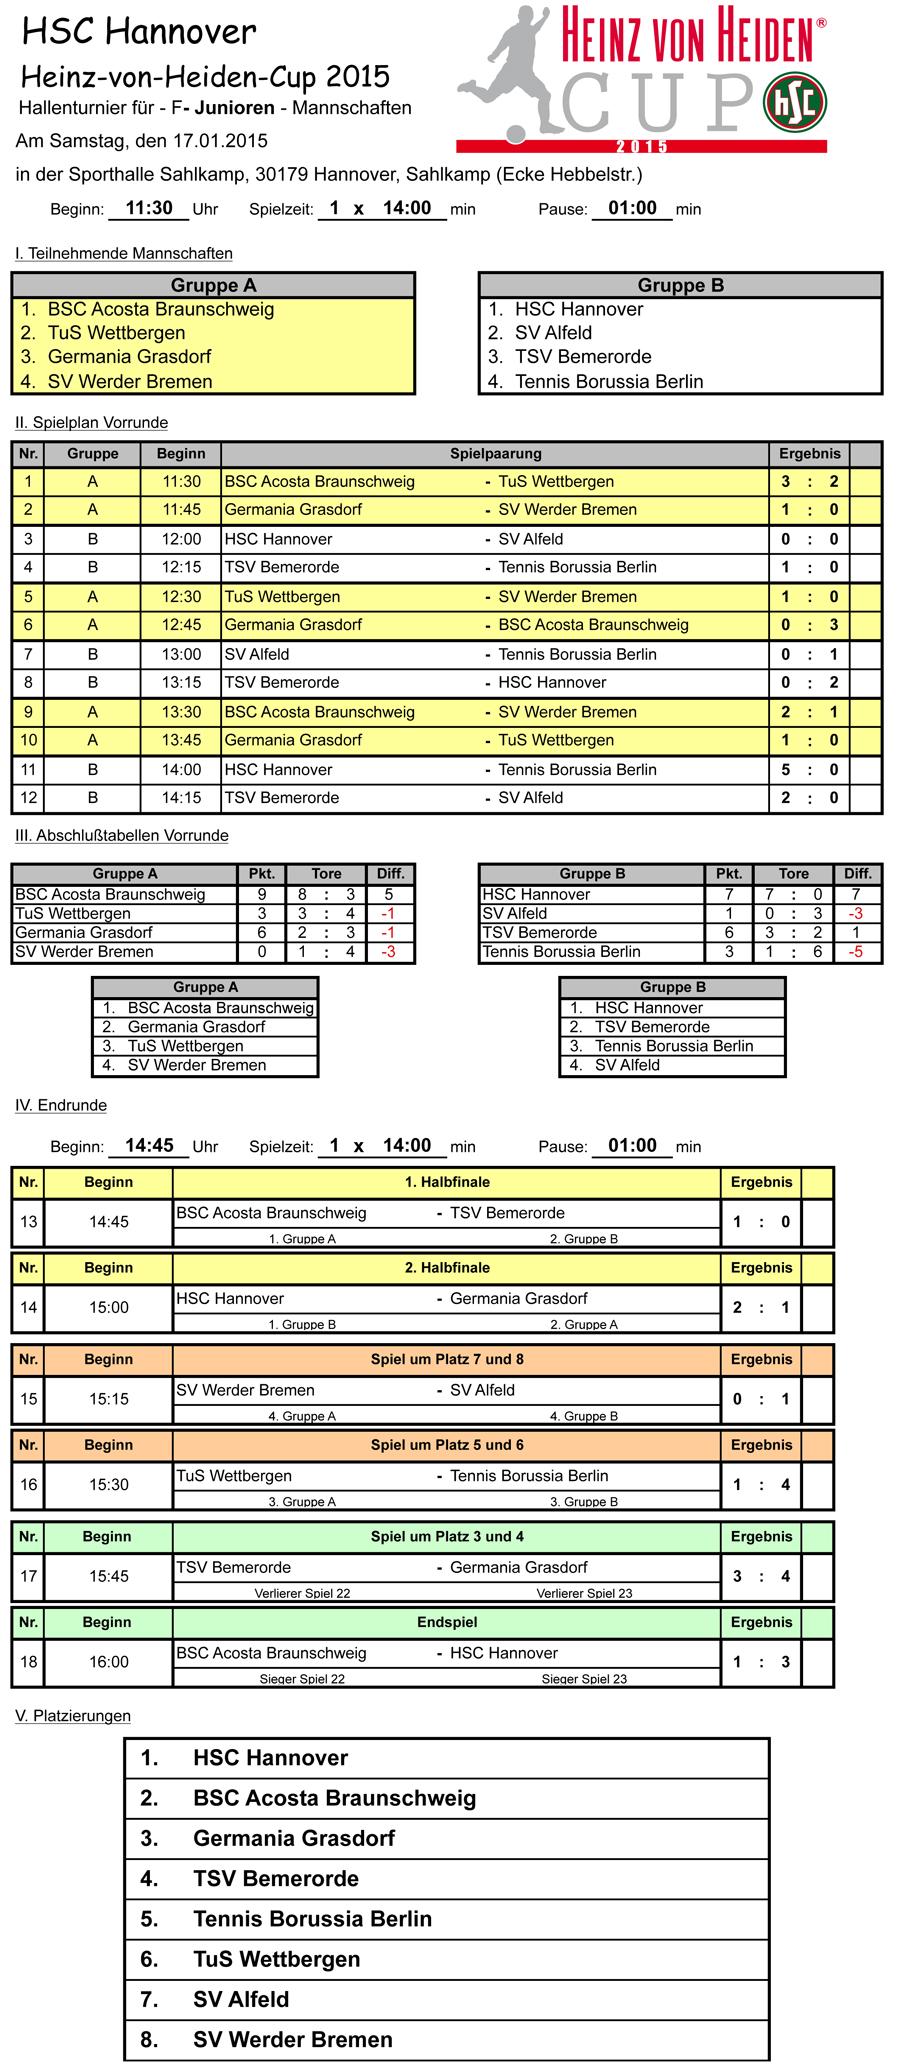 Spielplan_HvH-Cup_2015_Ergebnisse